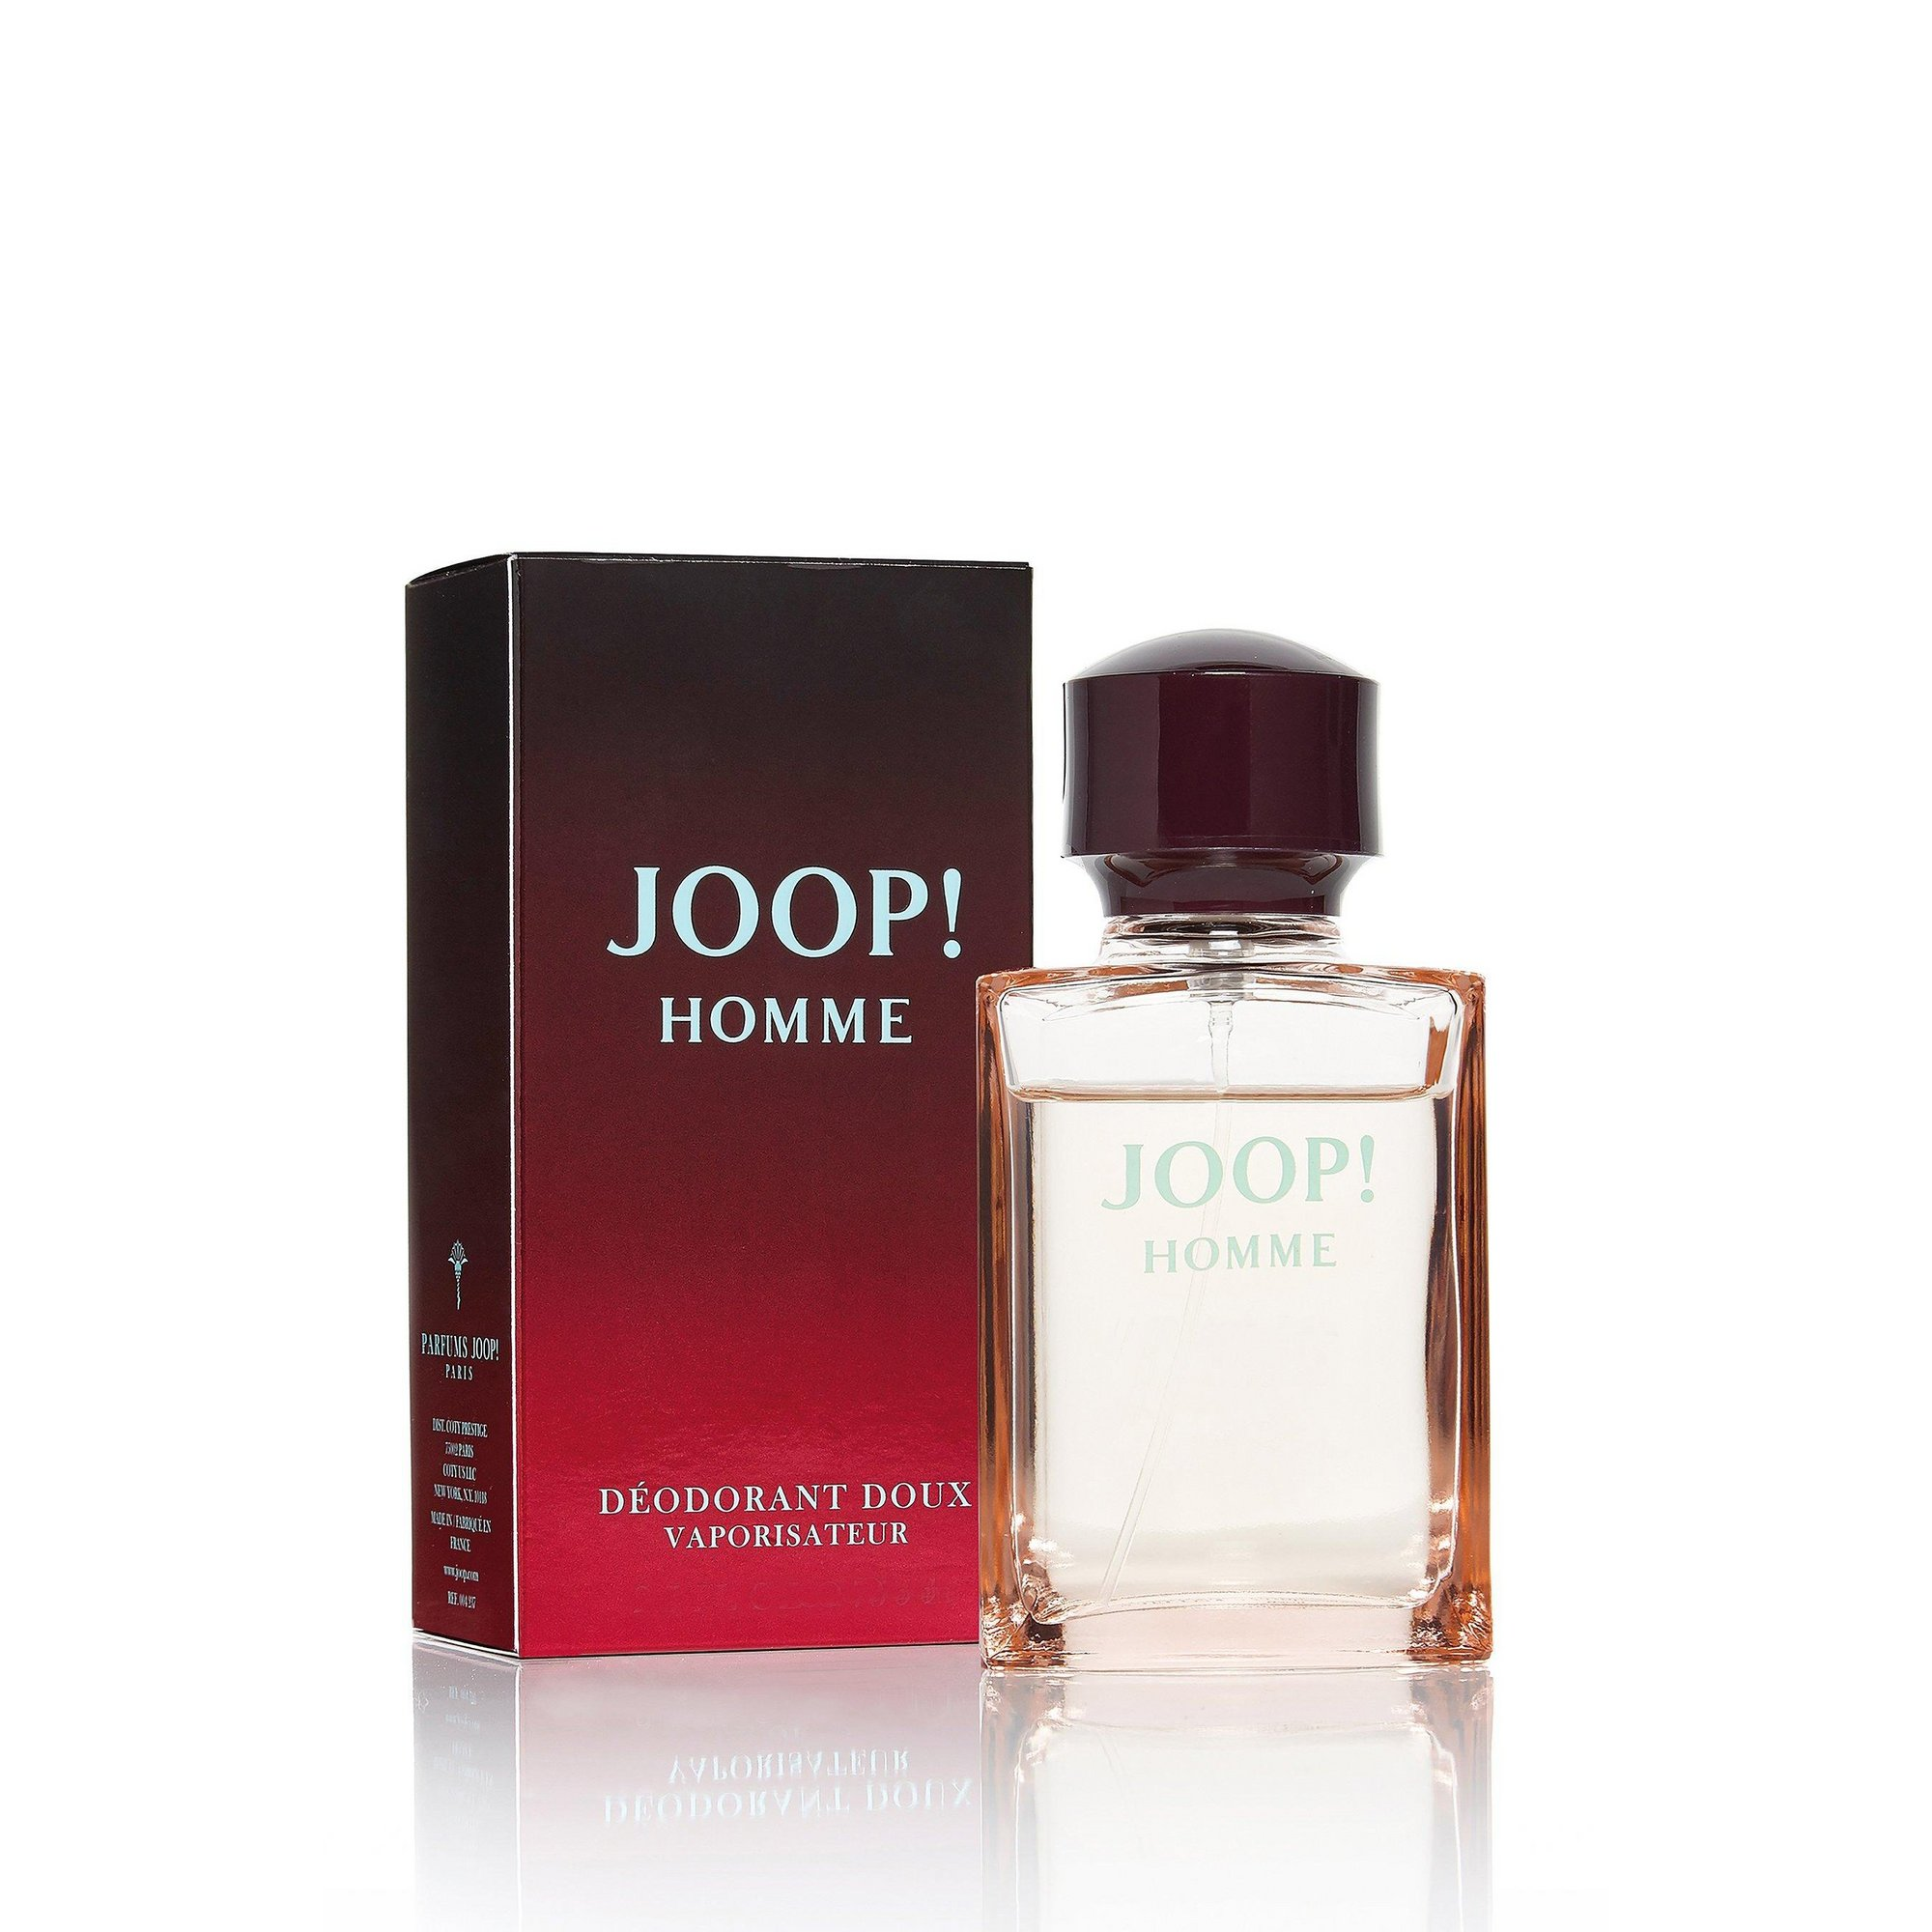 Image of Joop! Homme Deodorant 75ml Spray